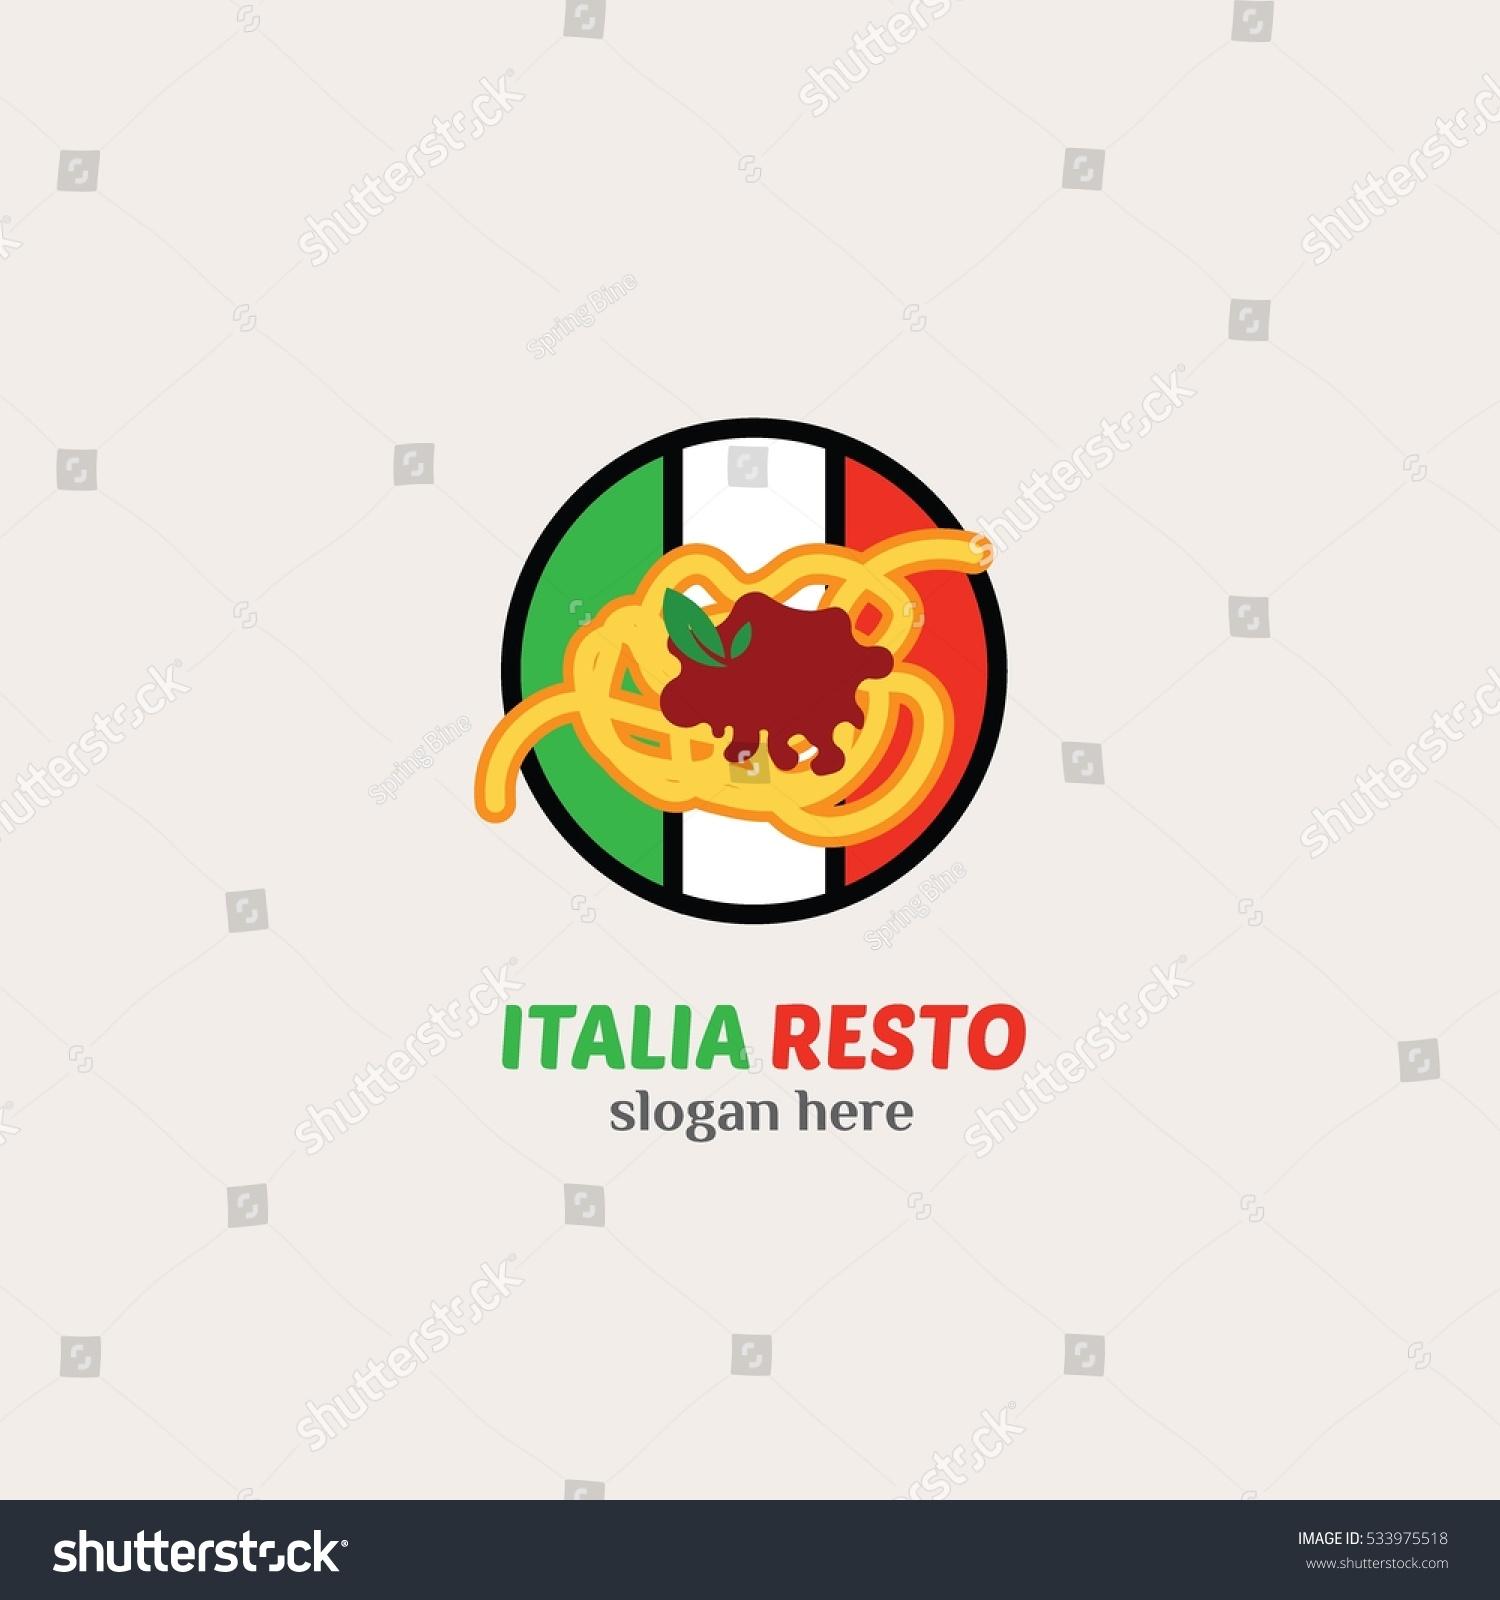 Vector De Stock Libre De Regalias Sobre Italian Restaurant Logo Design Template Vector533975518